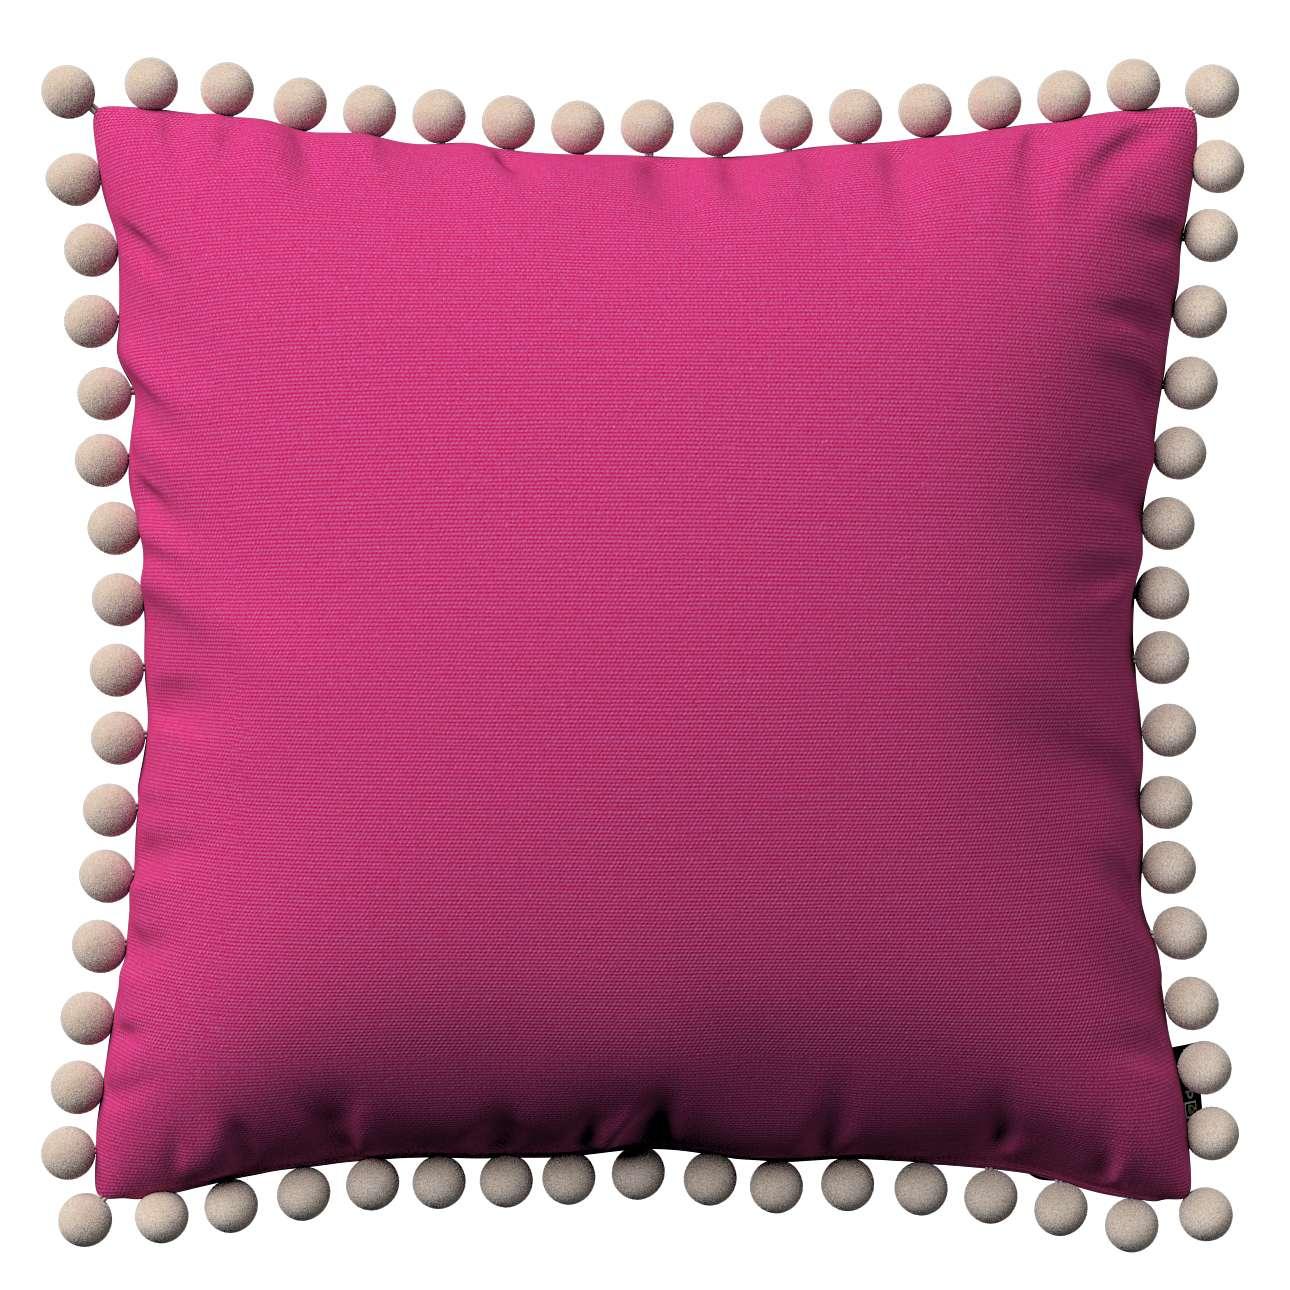 Wera dekoratyvinės pagalvėlės užvalkalas su žaismingais kraštais 45 x 45 cm kolekcijoje Loneta , audinys: 133-60